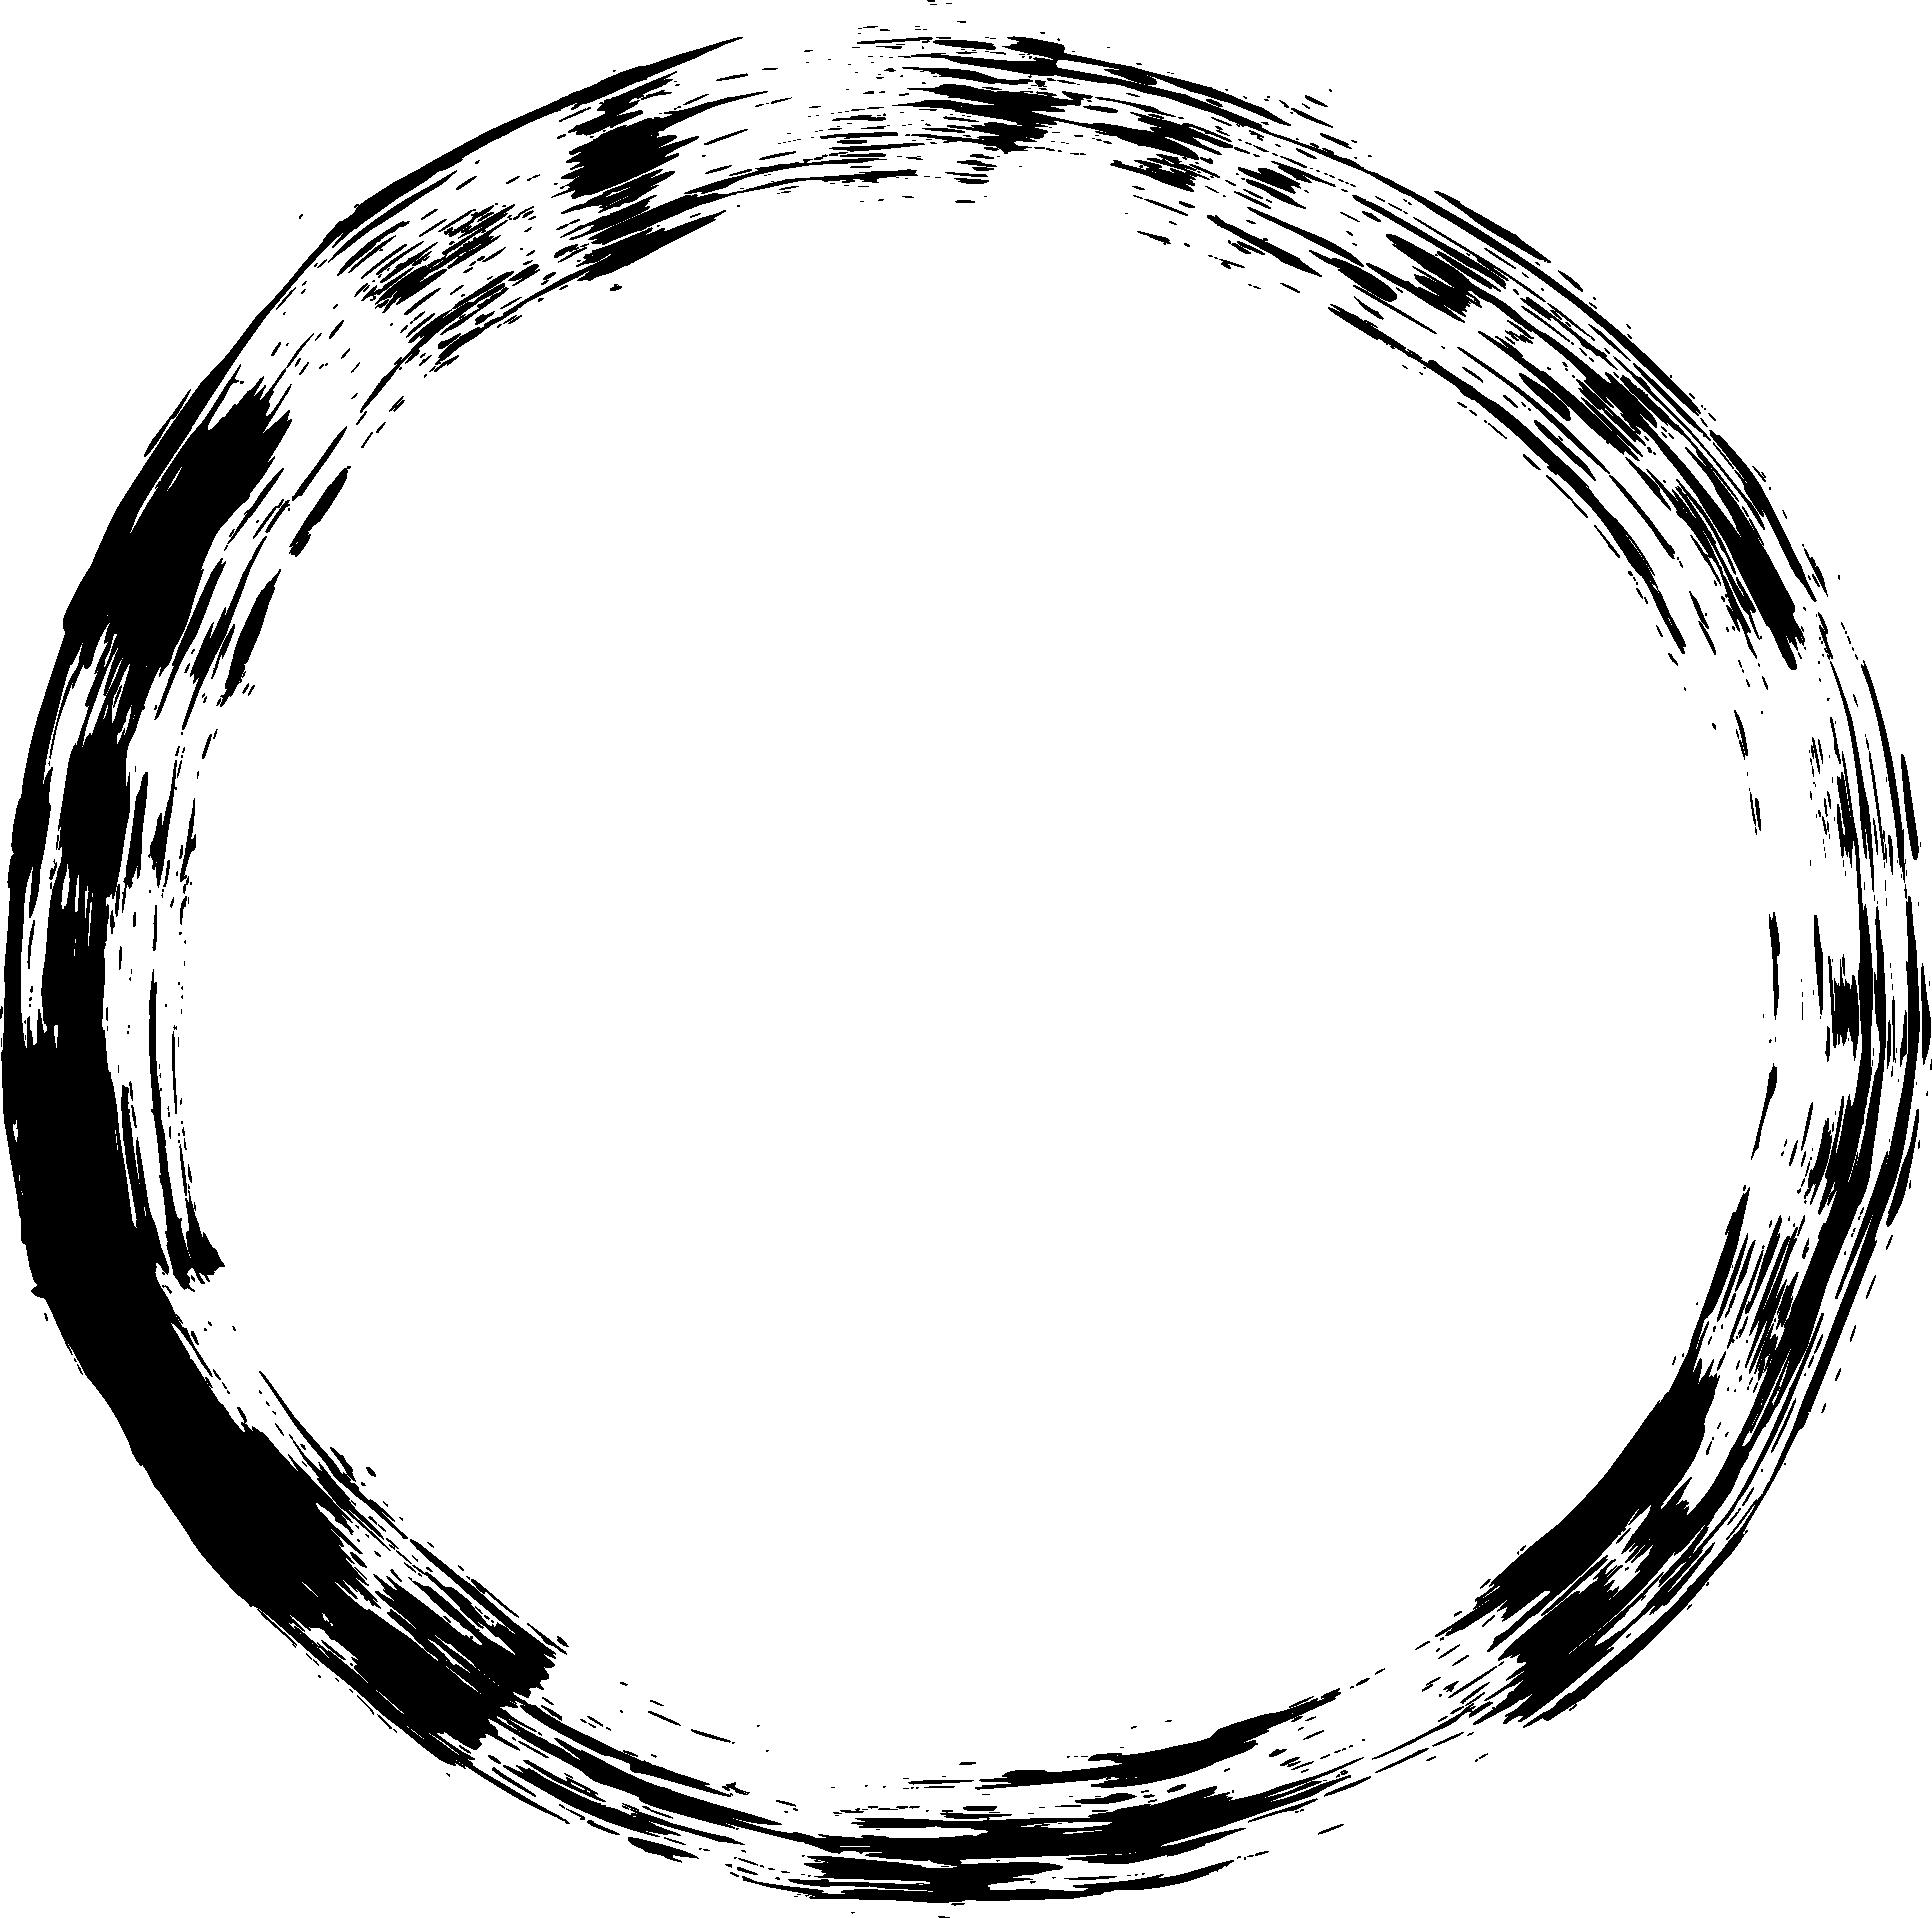 banner download transparent oval grunge #106211158